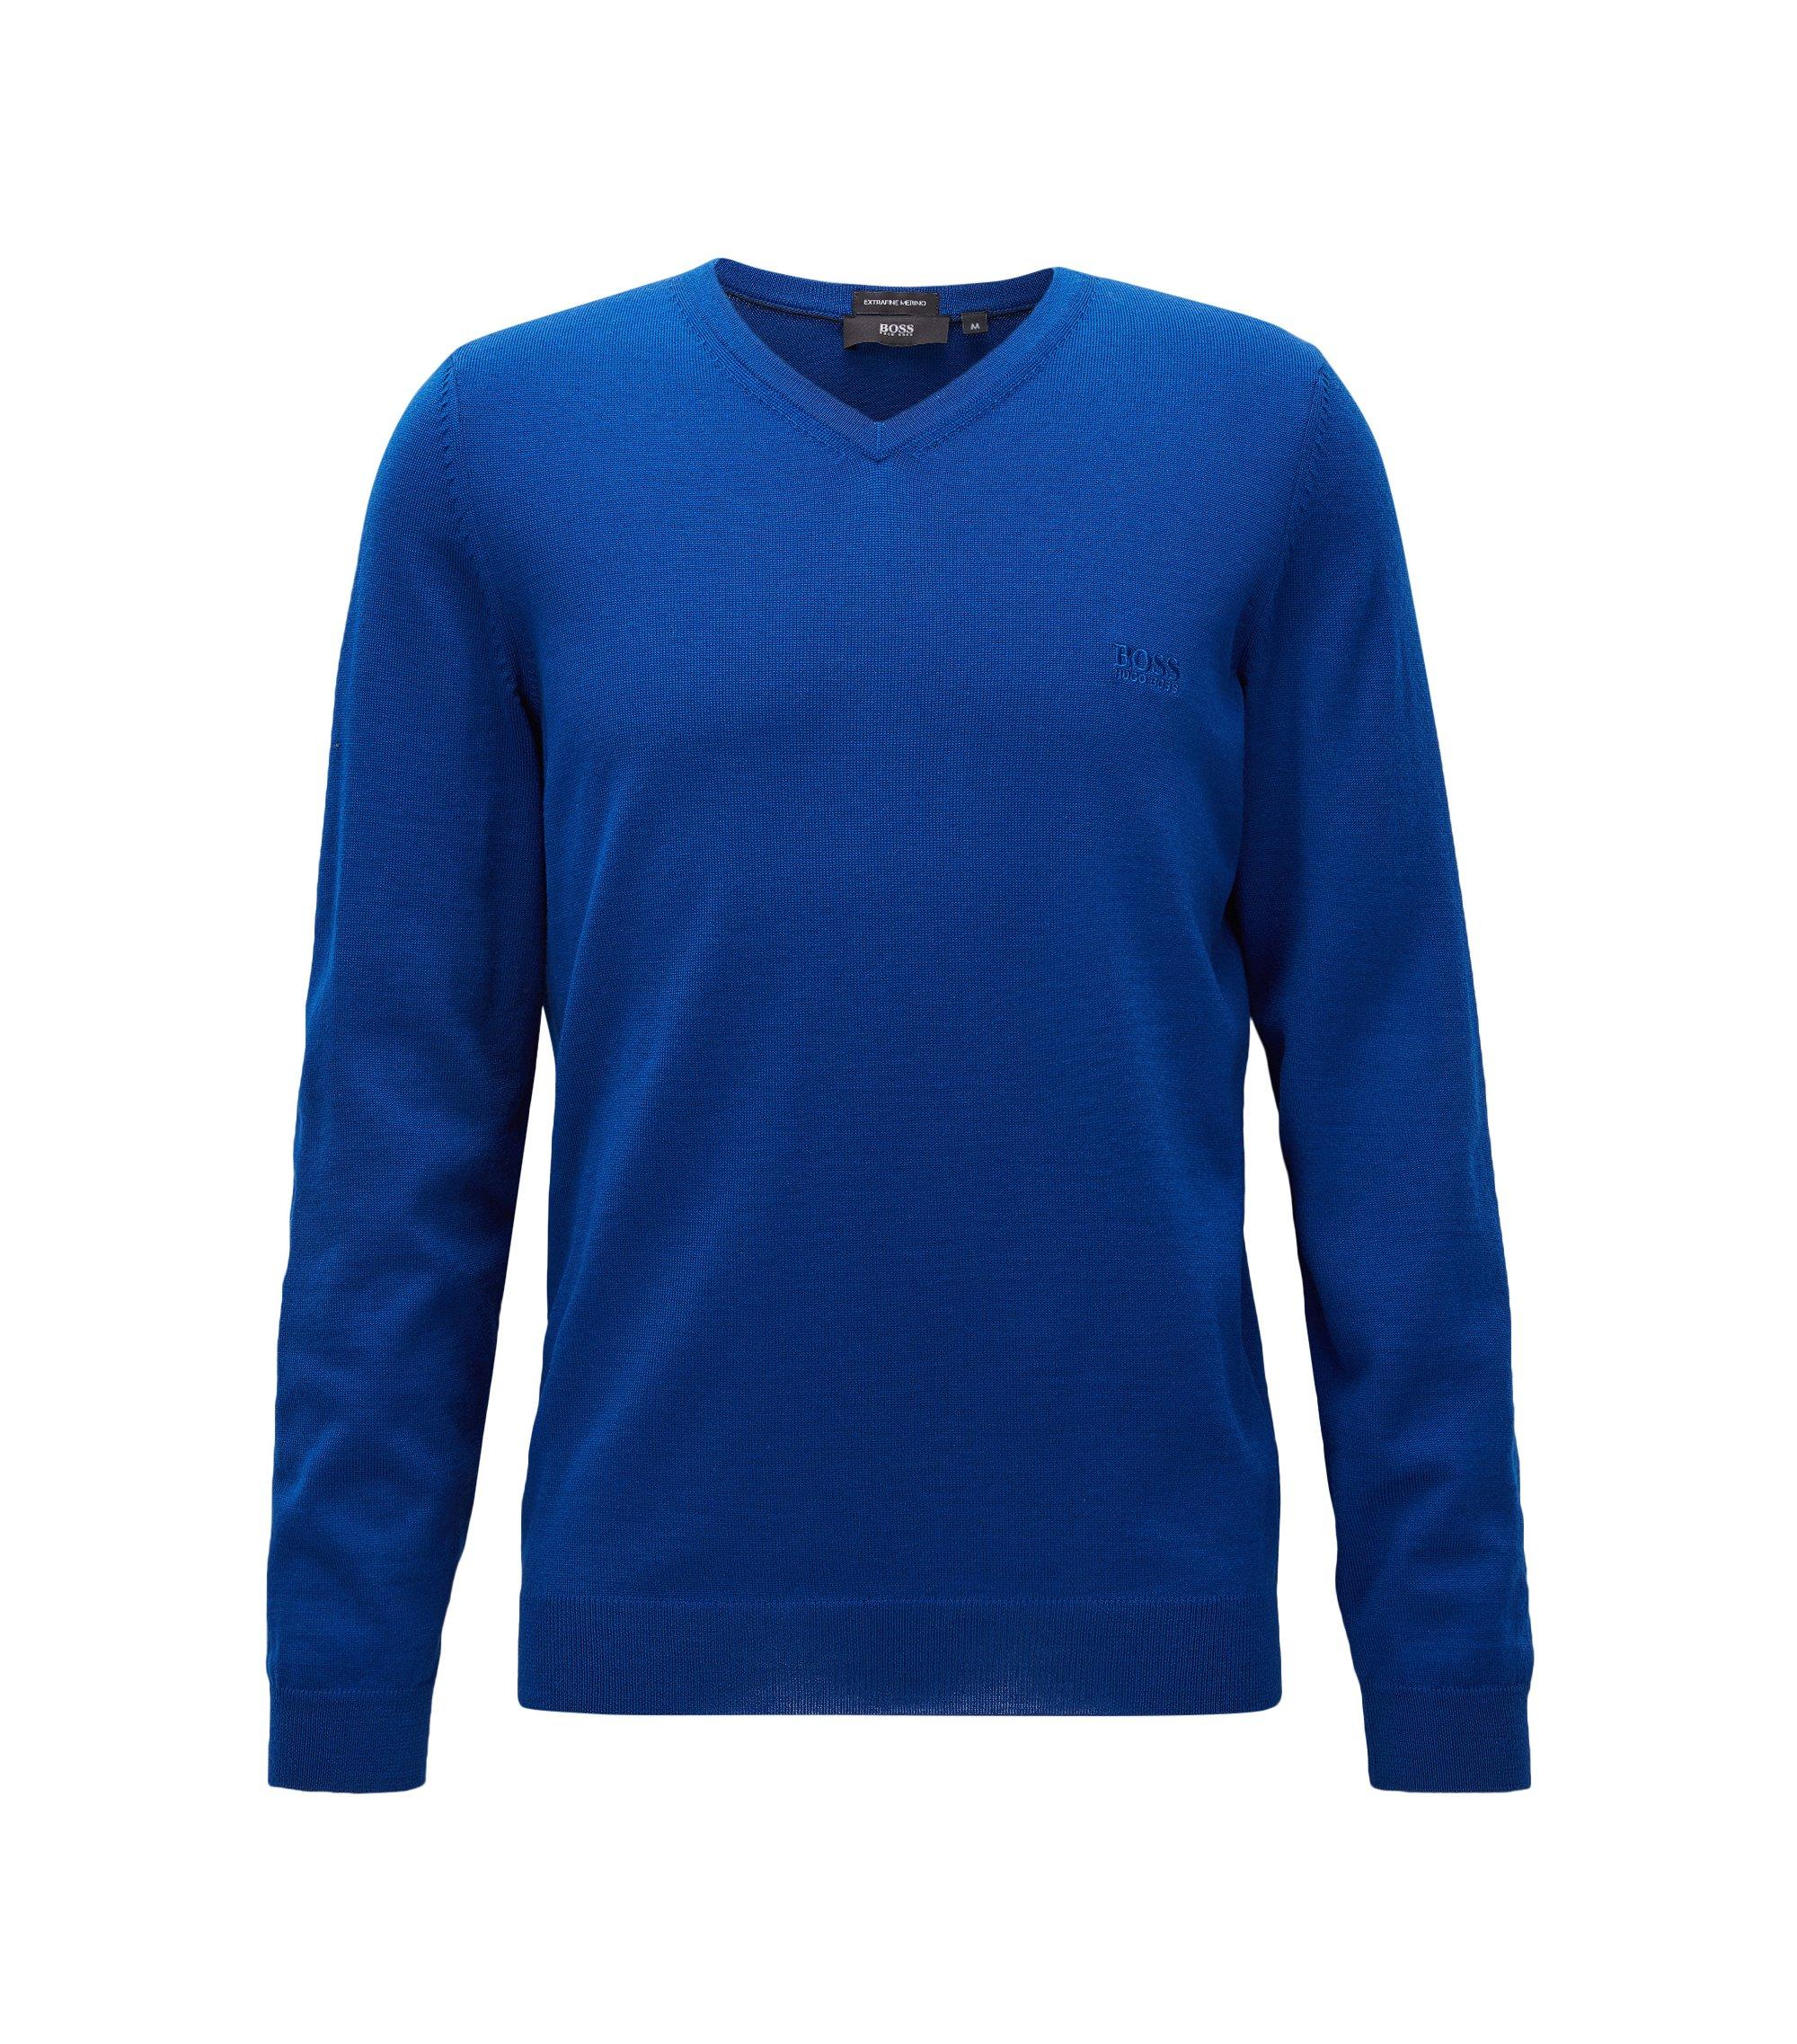 Maglione con scollo a V in lana vergine, Blu